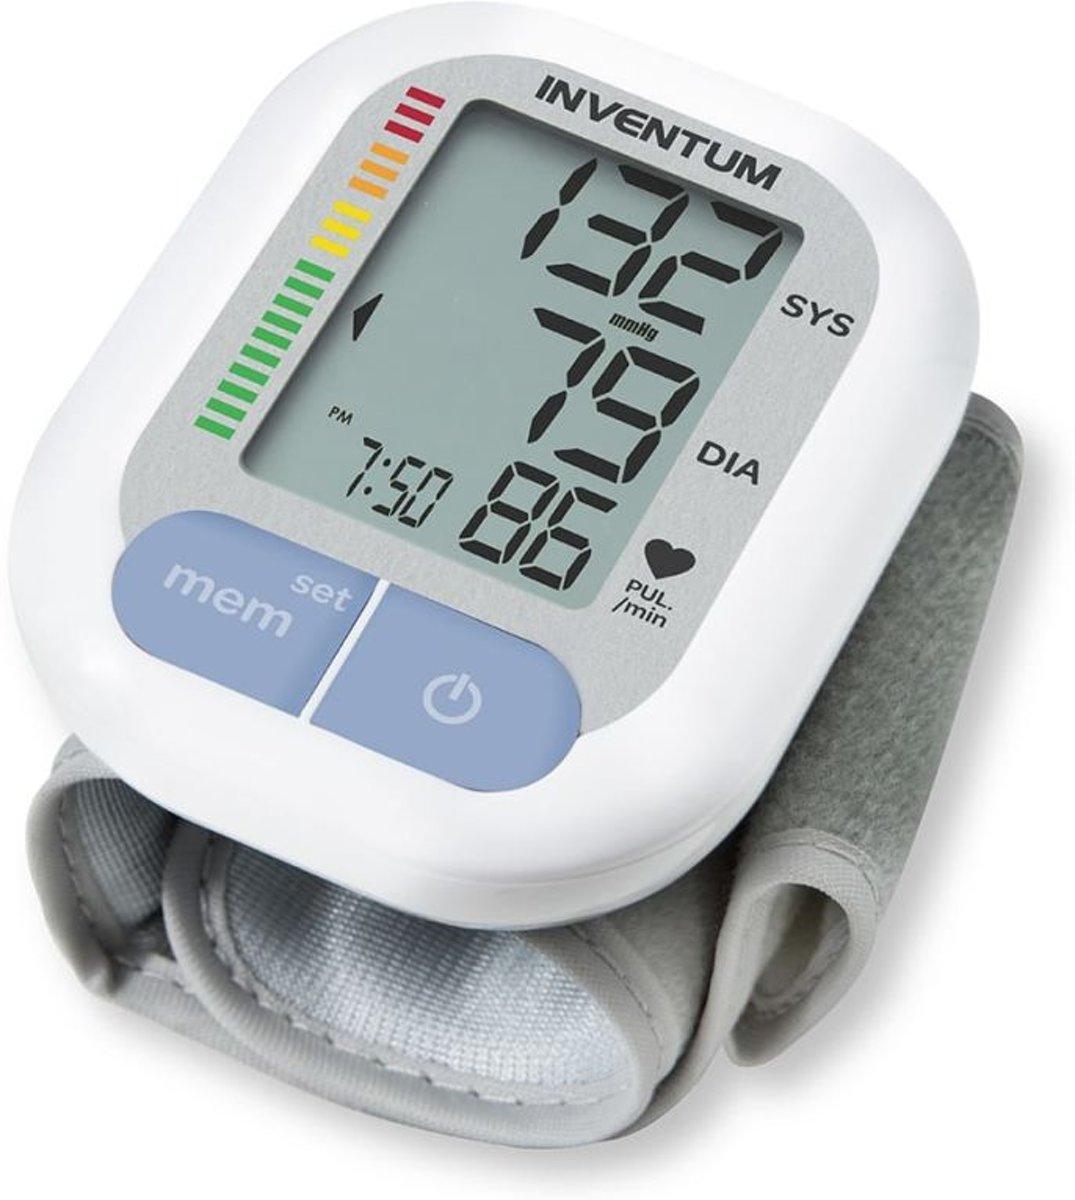 Inventum BDP421 - Bloeddrukmeter